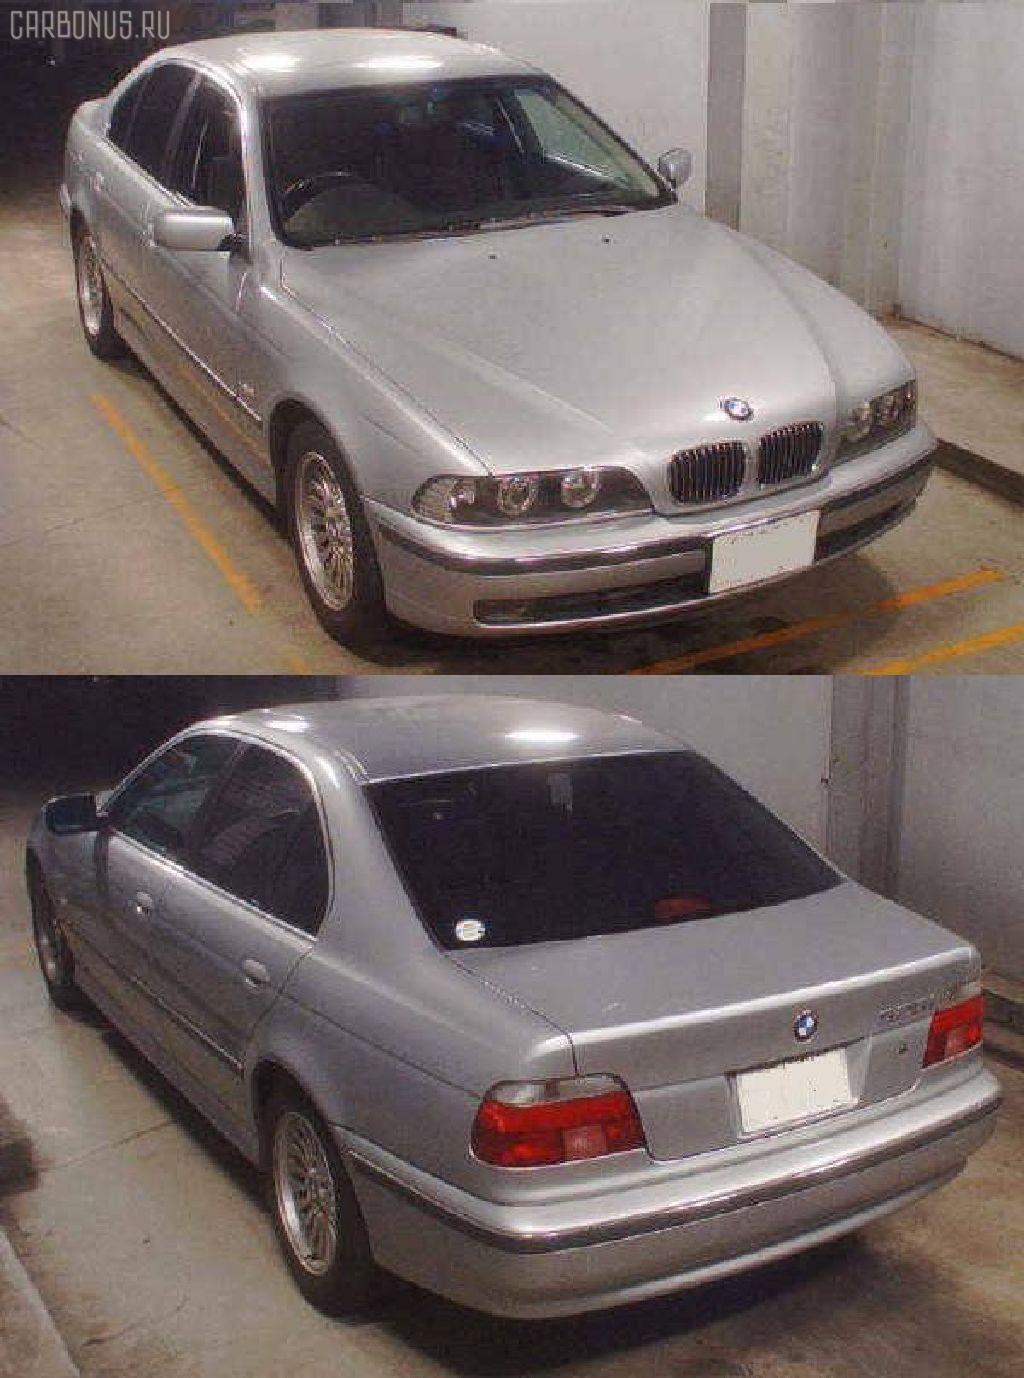 Чехол на ручку КПП BMW 5-SERIES E39-DD42 1996.11 51168186999 2WD 4D Фото 8